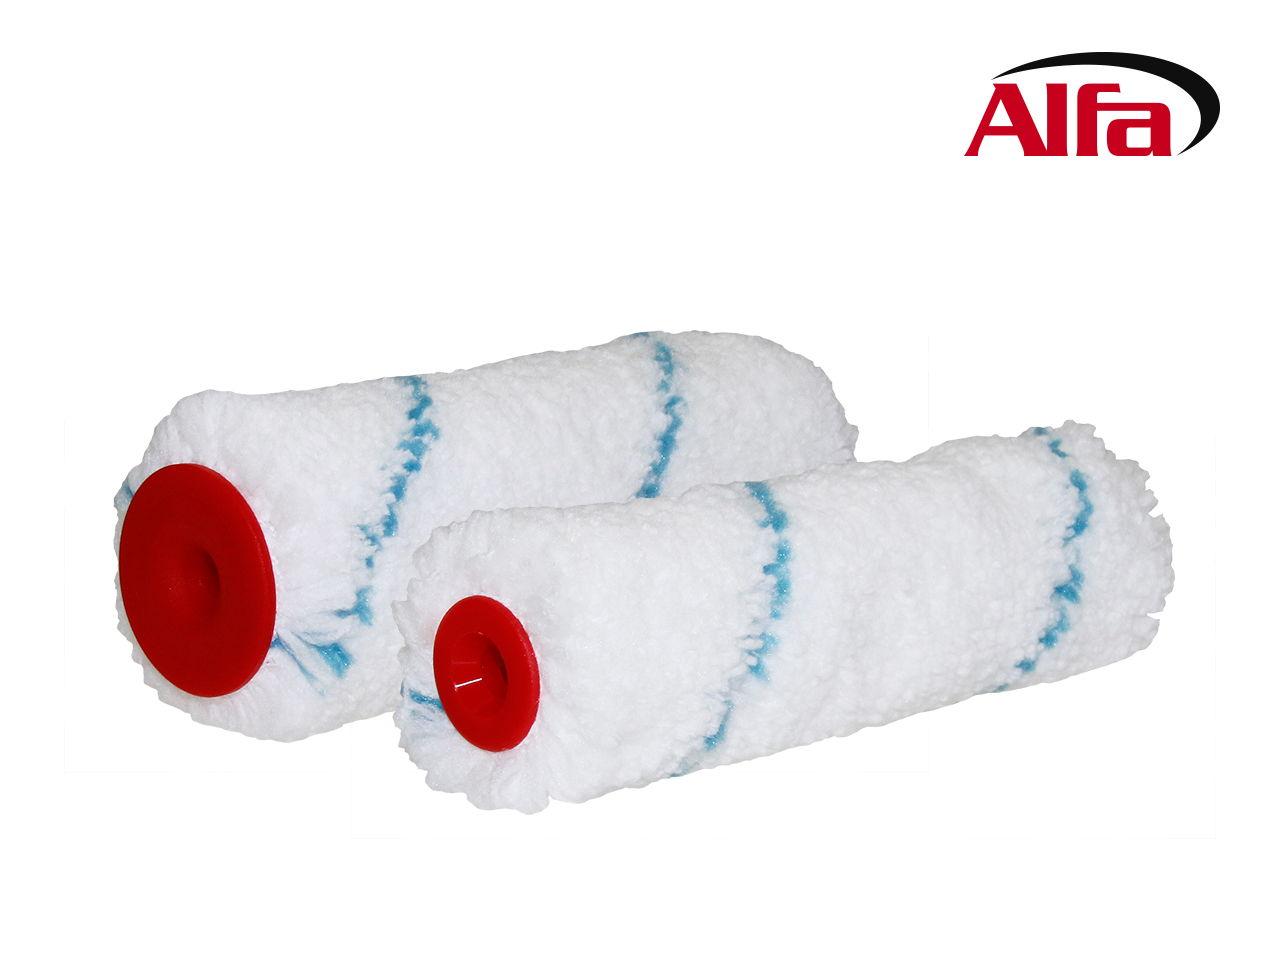 333 Alfa Mikrofaser Heizkörperwalze